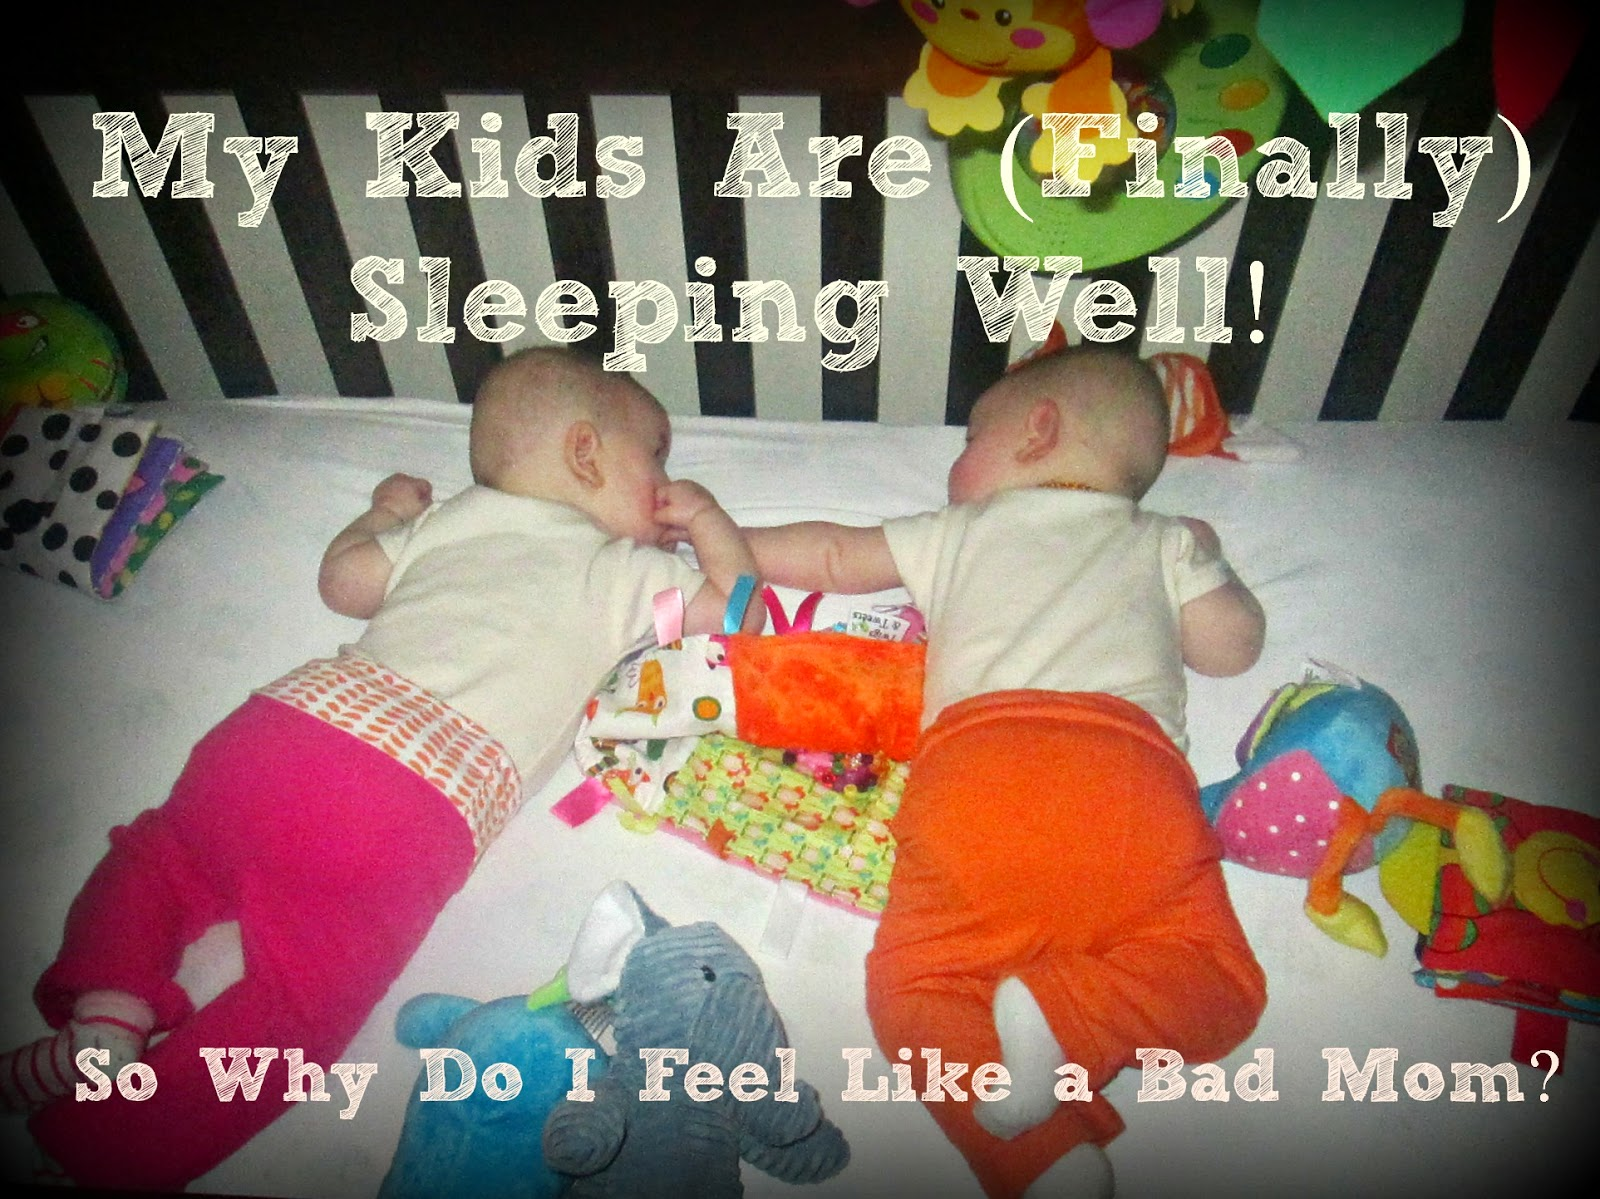 My Kids Are (Finally) Sleeping Well! So Why Do I Feel Like a